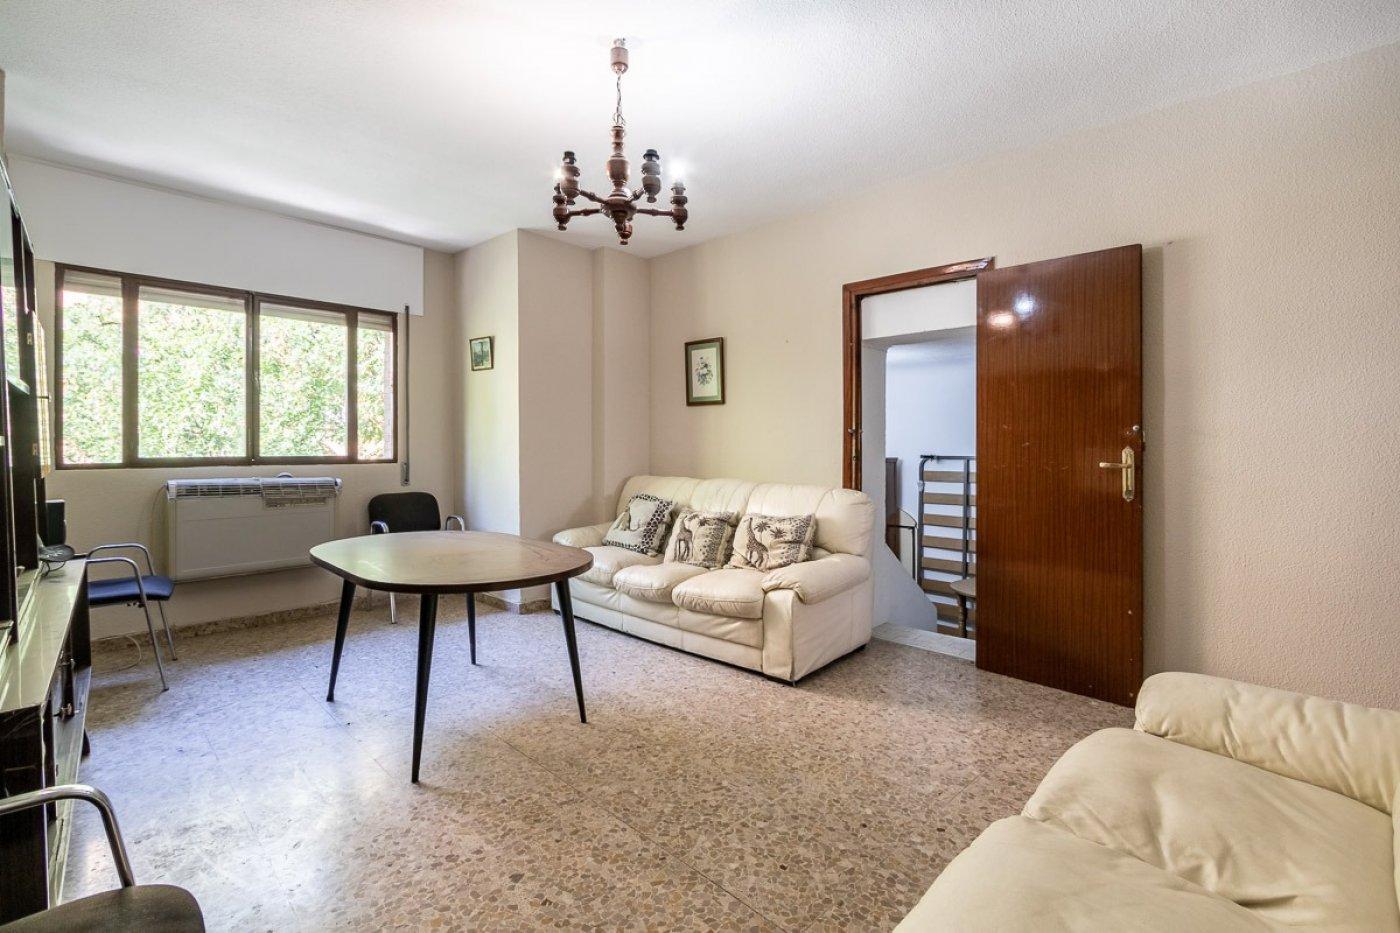 Real de Cartuja. Piso 4 dormitorios, baño y aseo junto campus universitario de cartuja, Granada